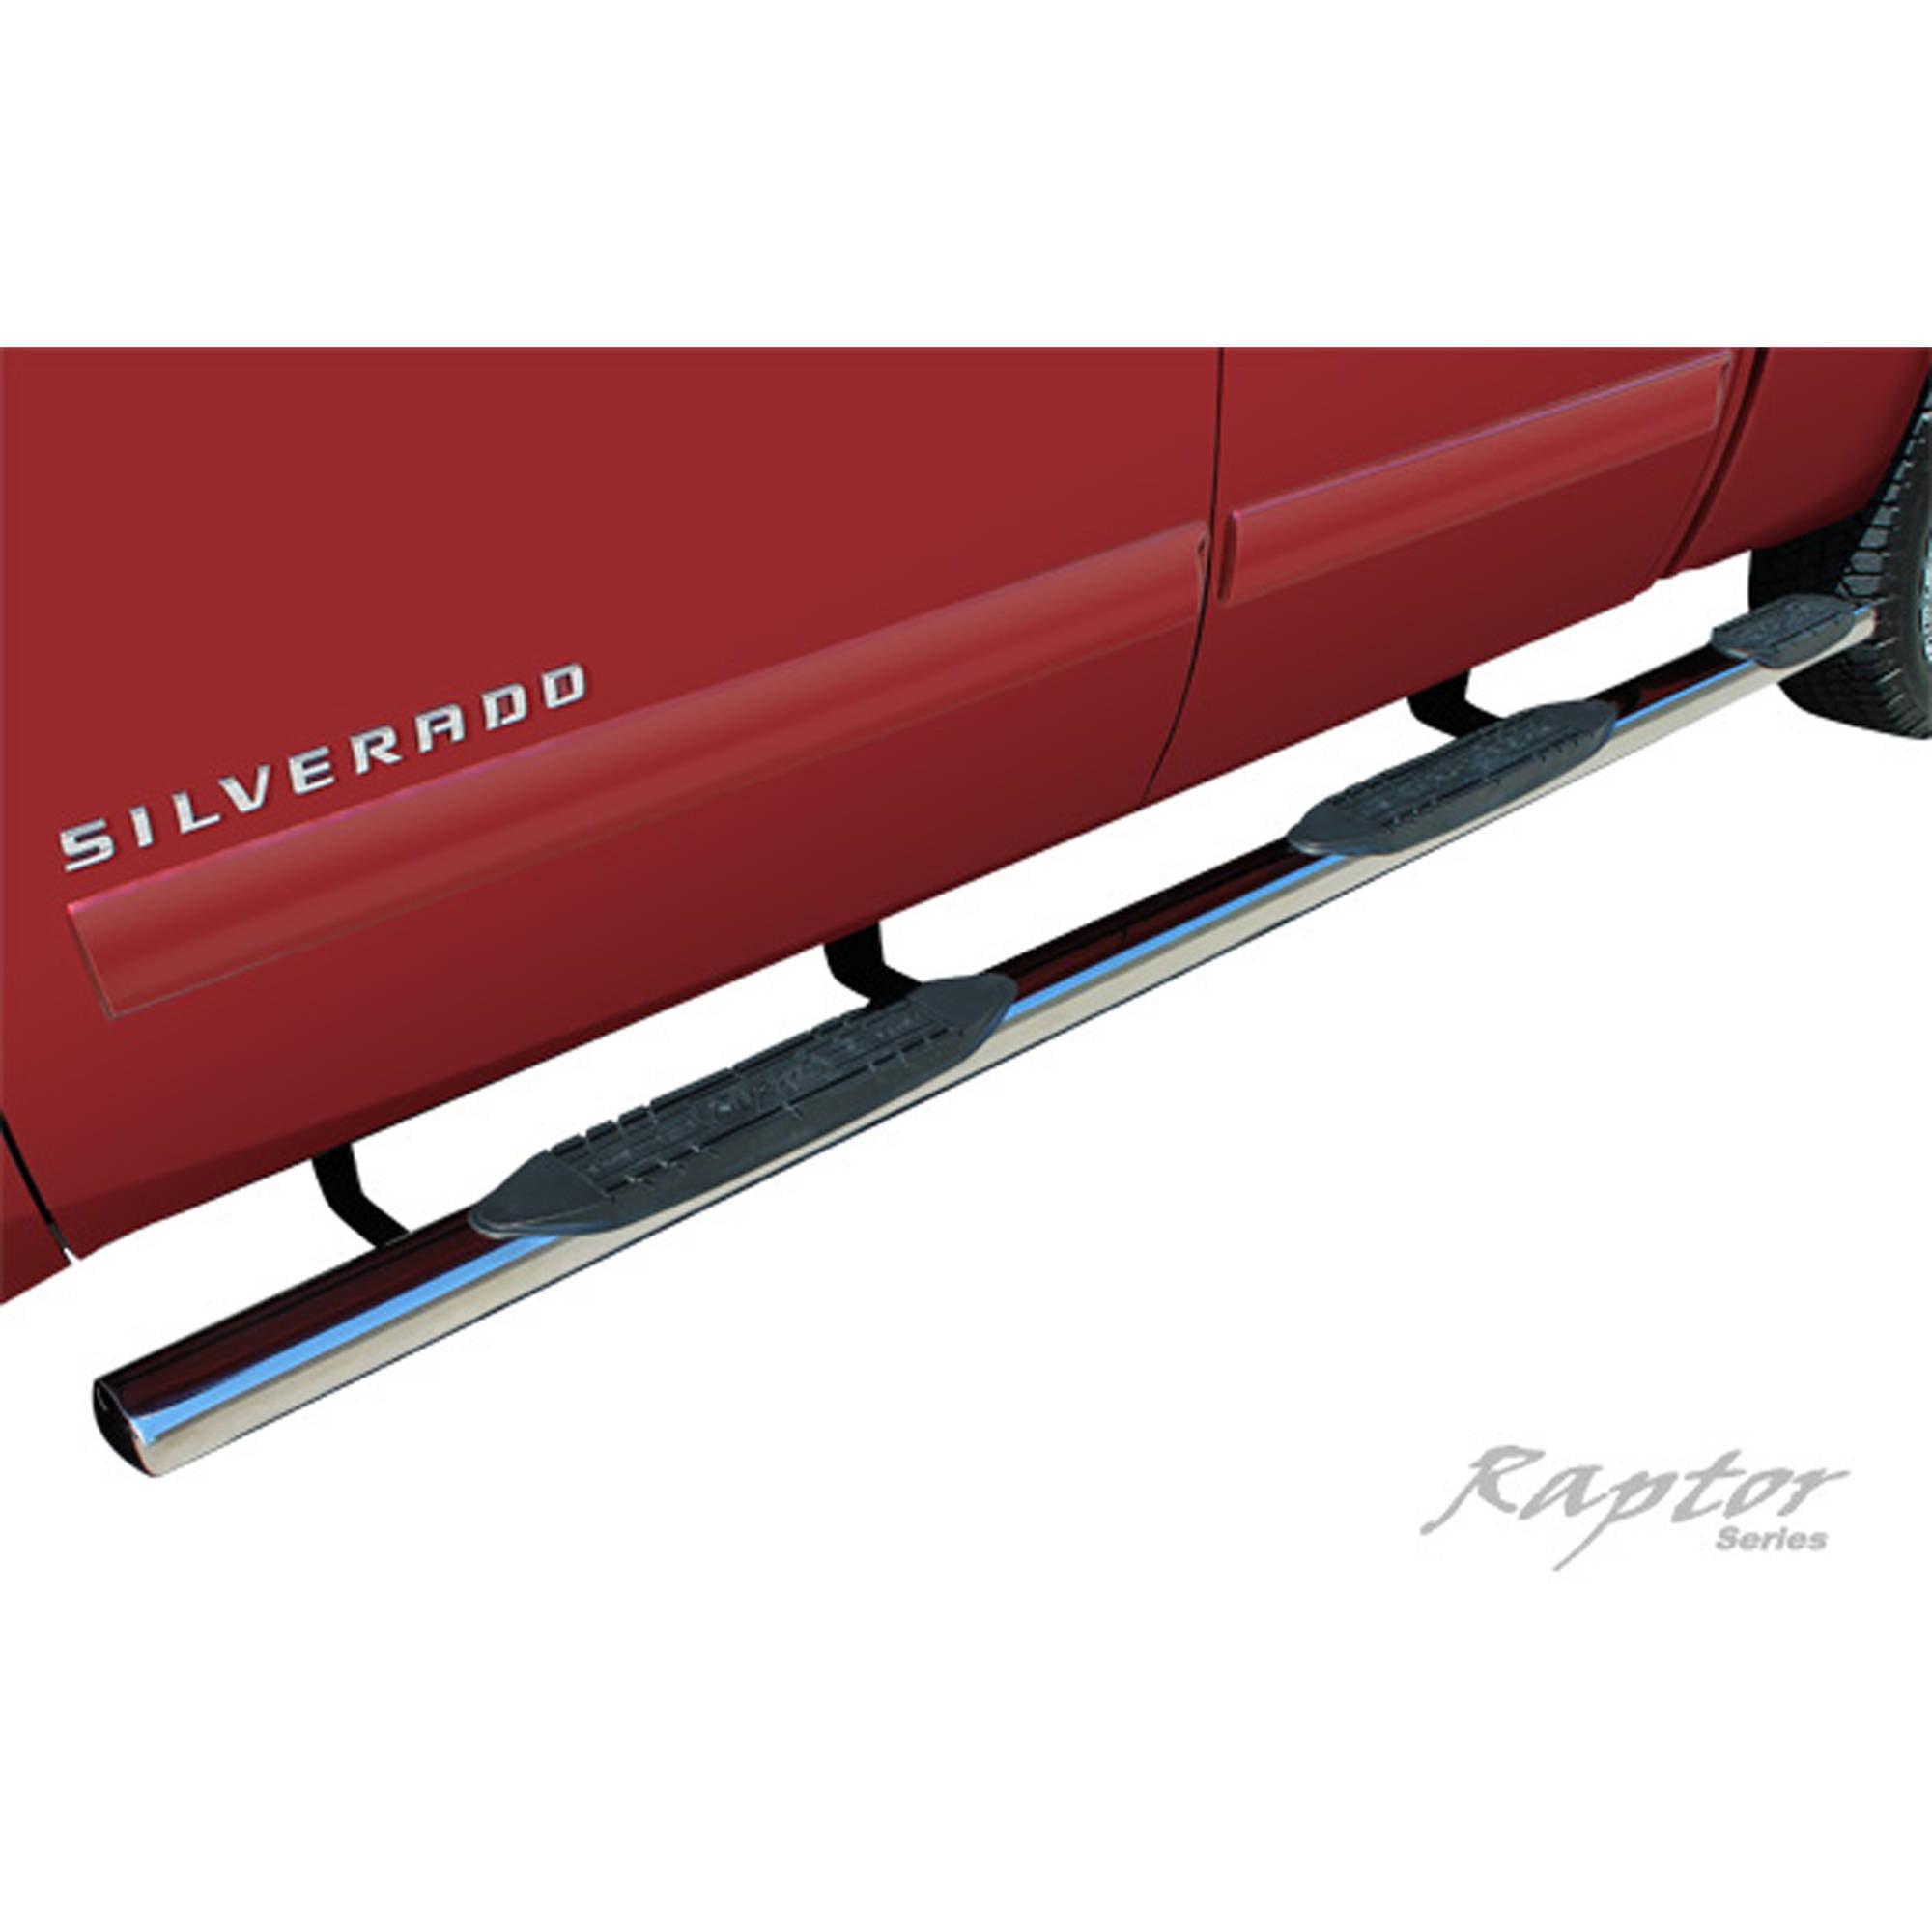 Raptor Series 07-15 Chevy Silverado/GMC Sierra 1500/2500 ...